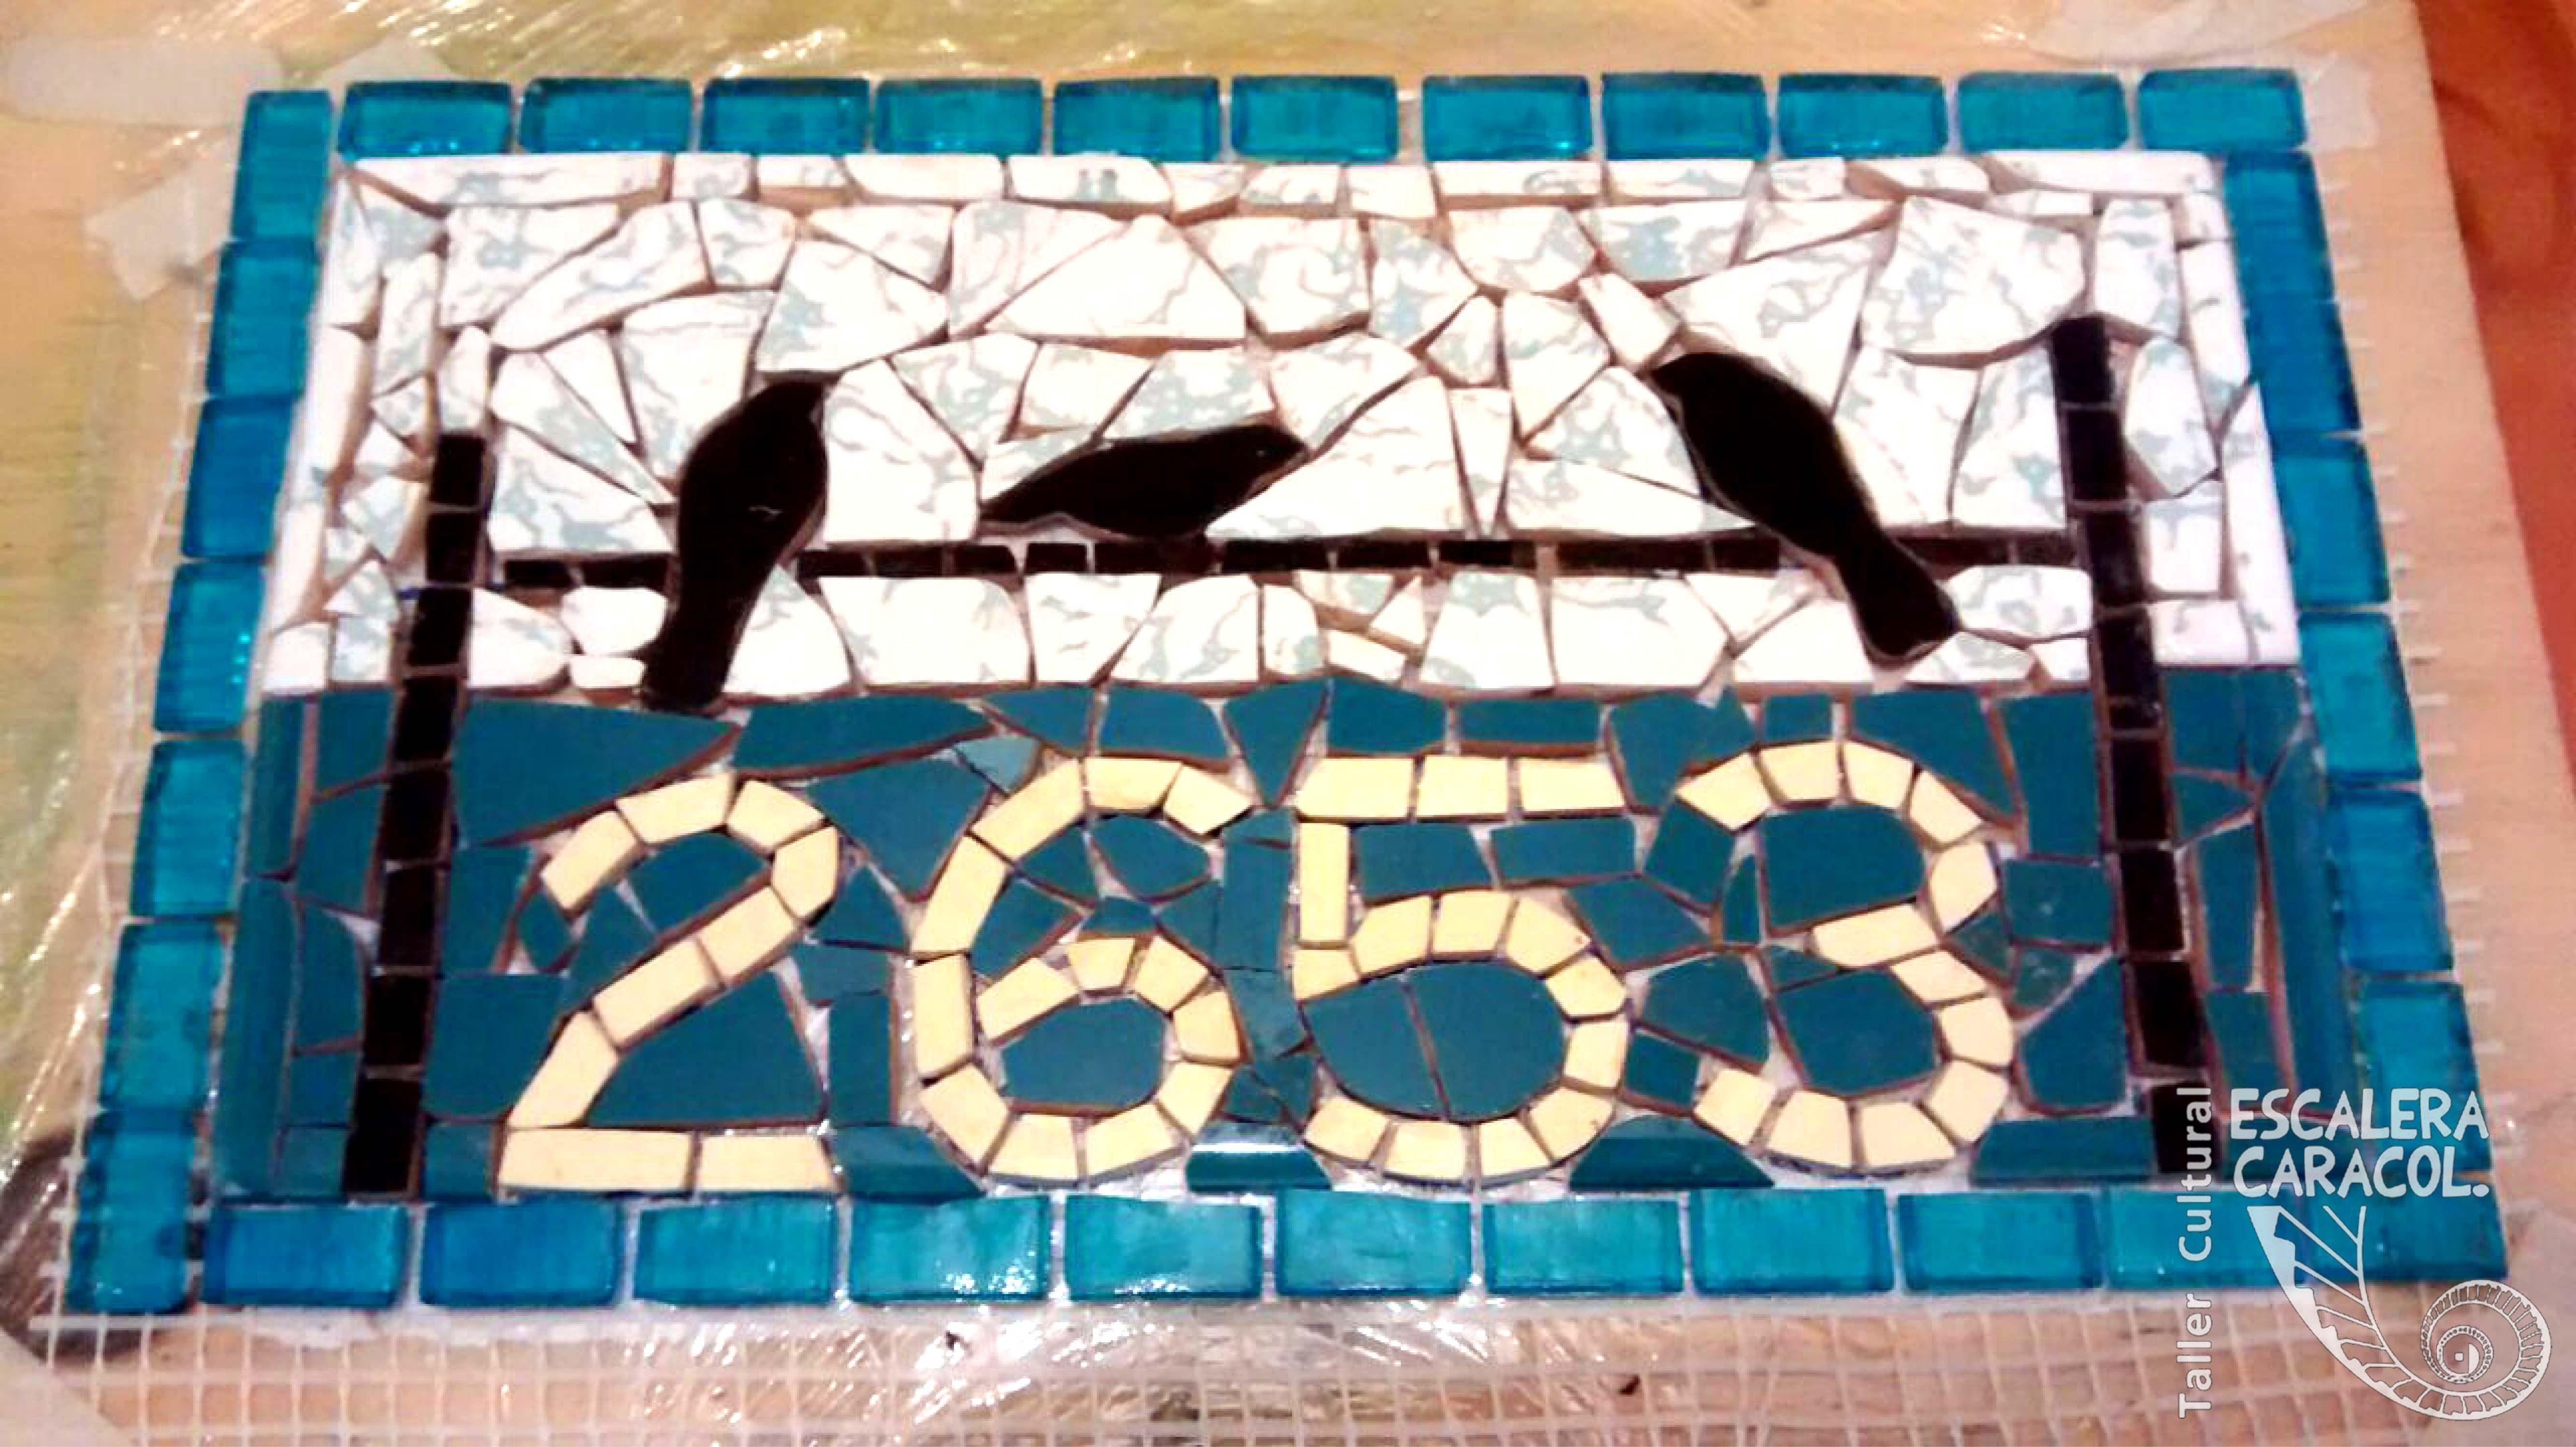 Numeración de calle realizada por Patricio Fuster http://tallerescaleracaracol.com/artes-del-fuego/mosaico/mosaico-libre-para-principiantes/